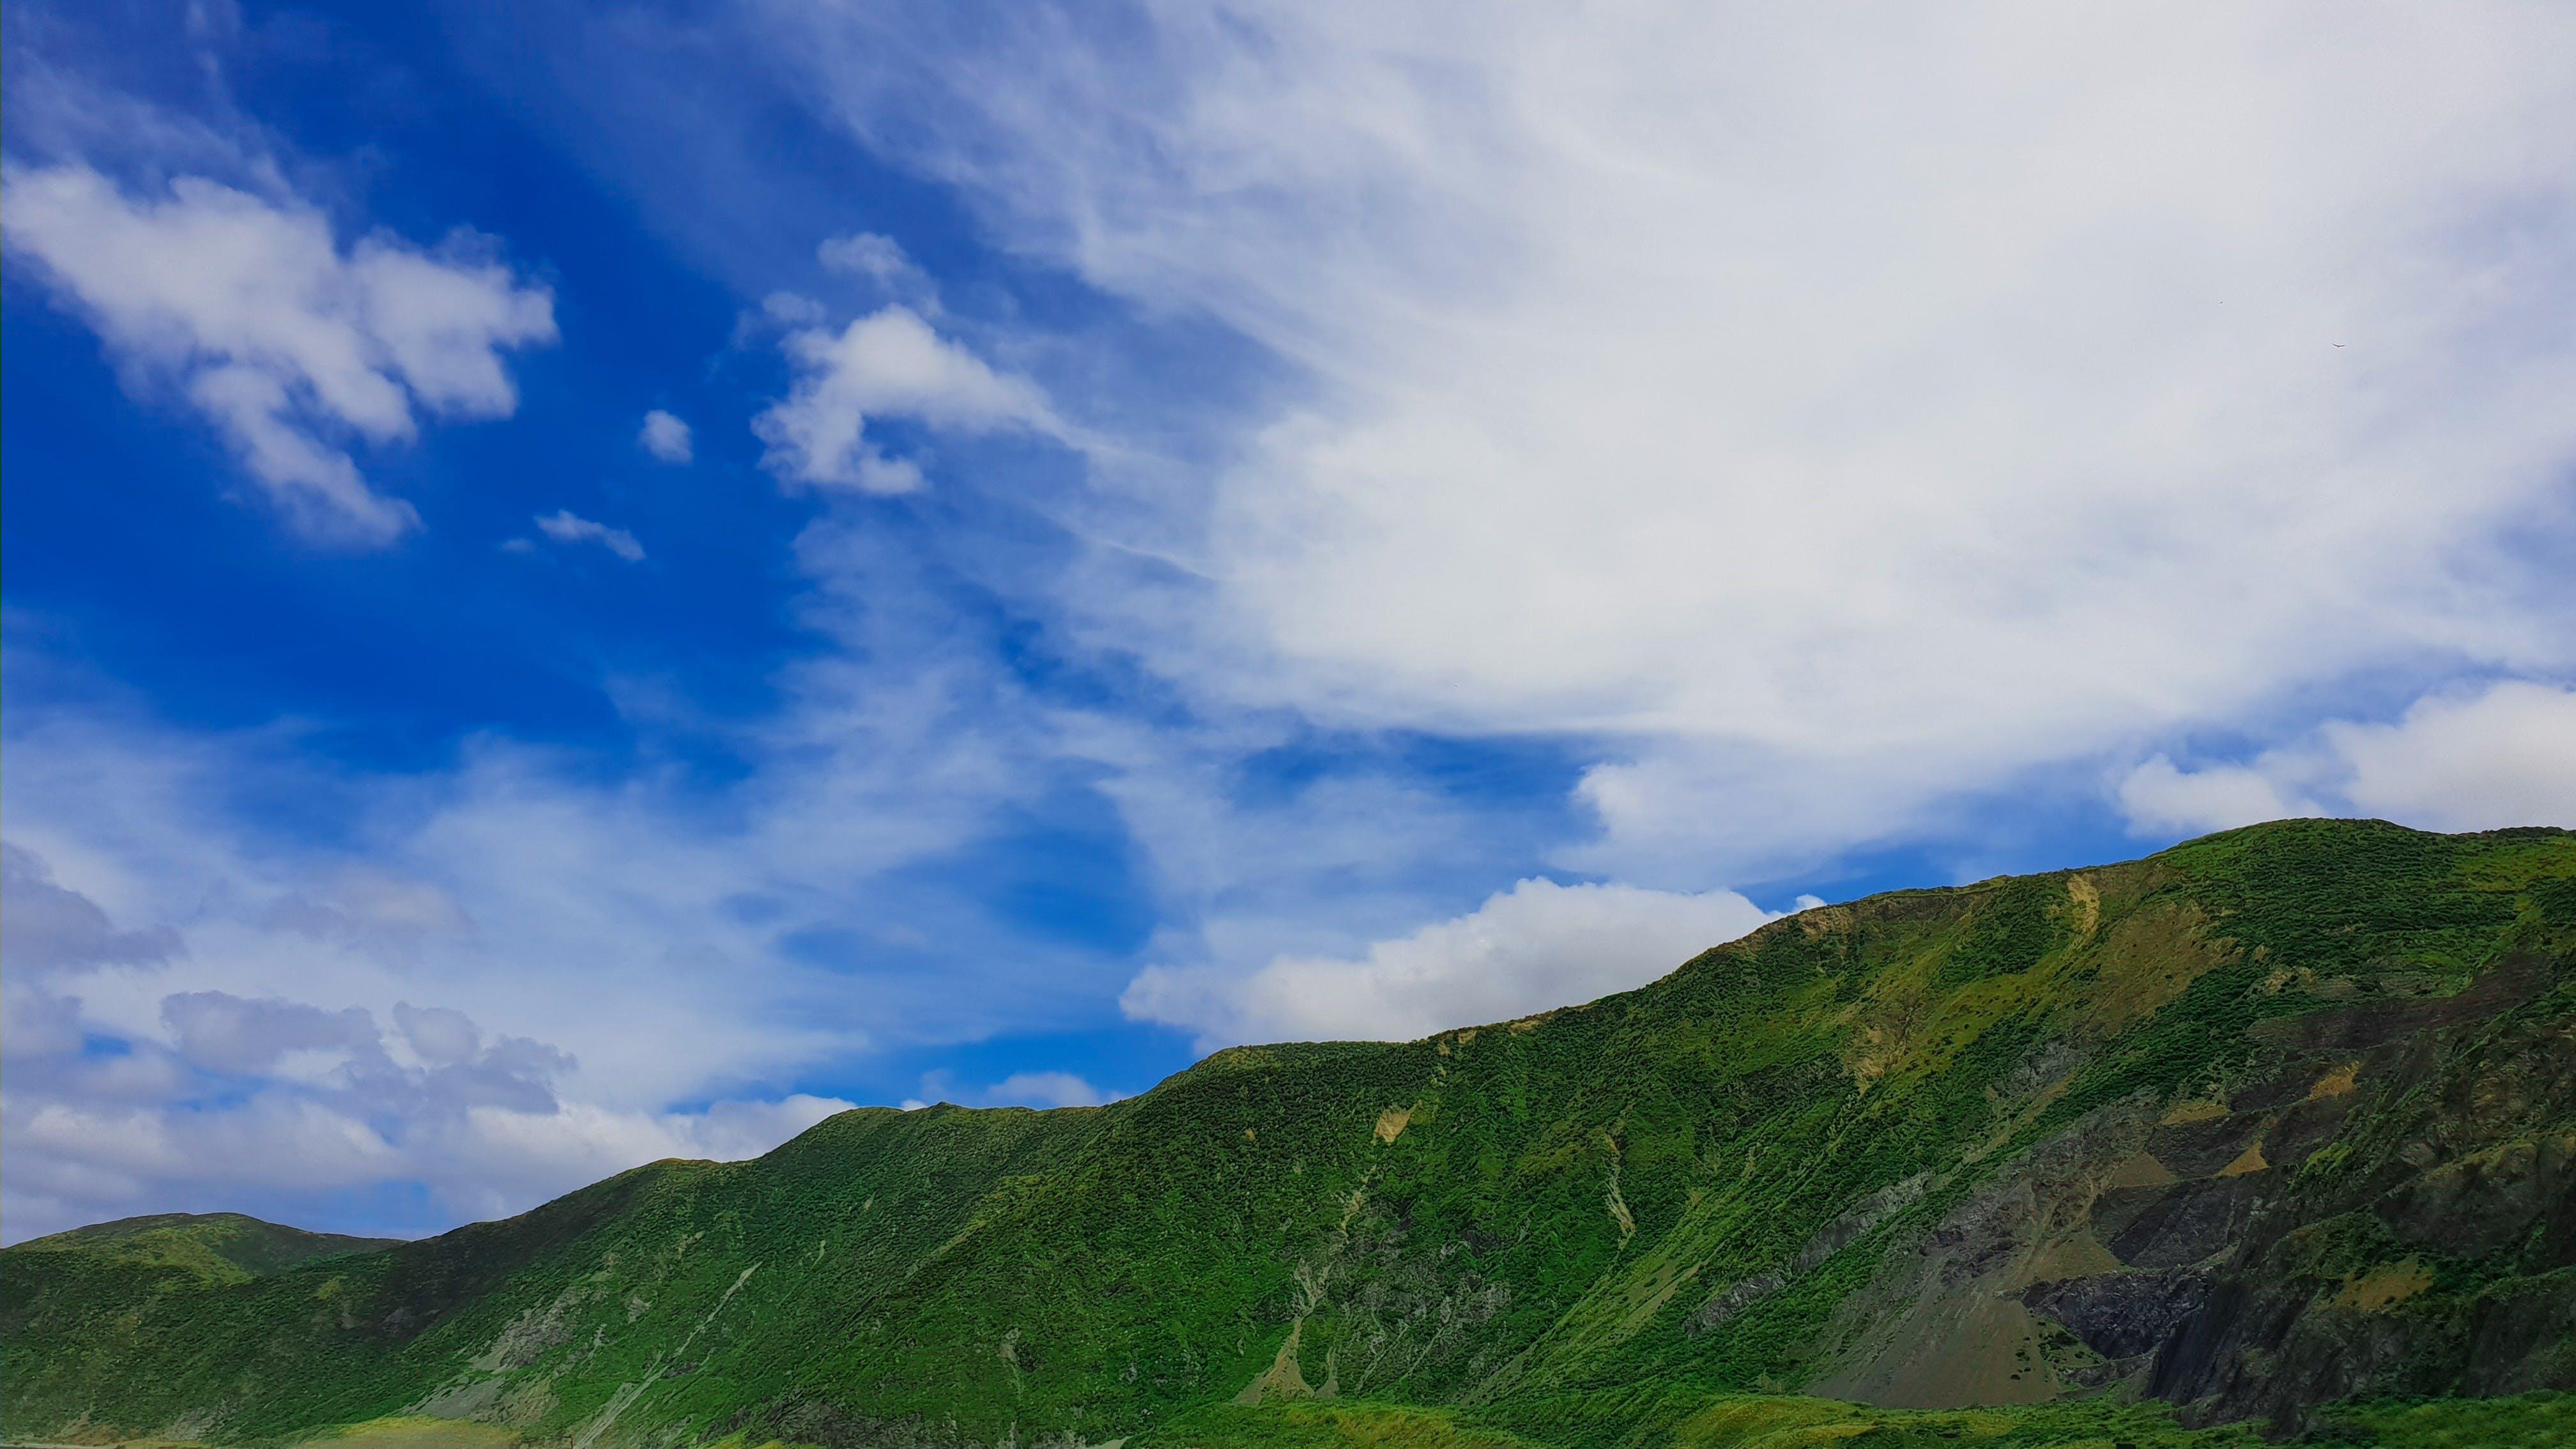 Kostenloses Stock Foto zu aufnahme von unten, blau, blauer himmel, grün